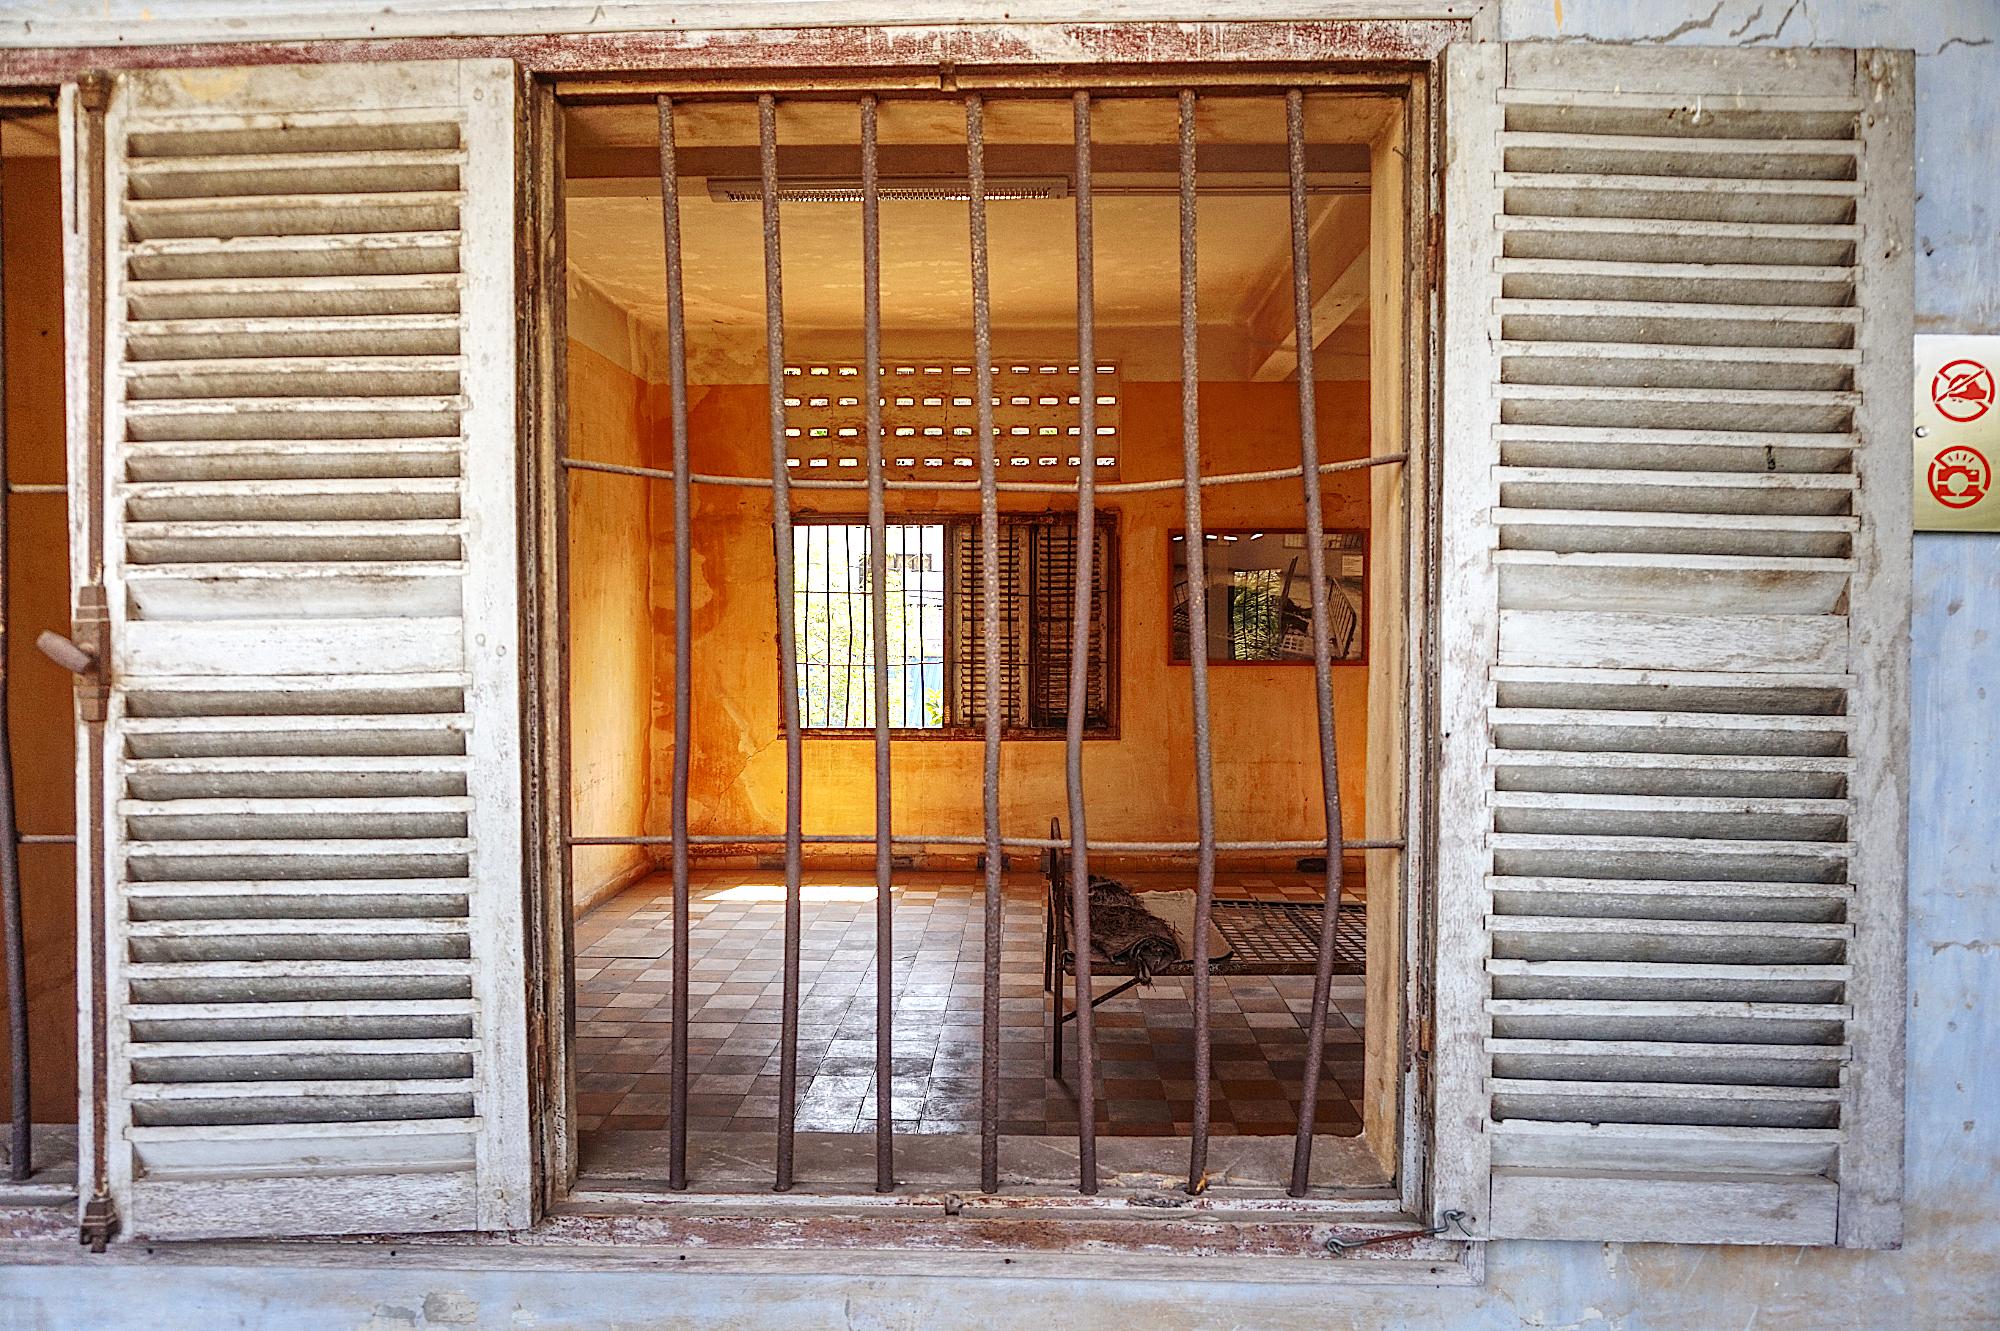 Blick auf die absurde Folterkammer